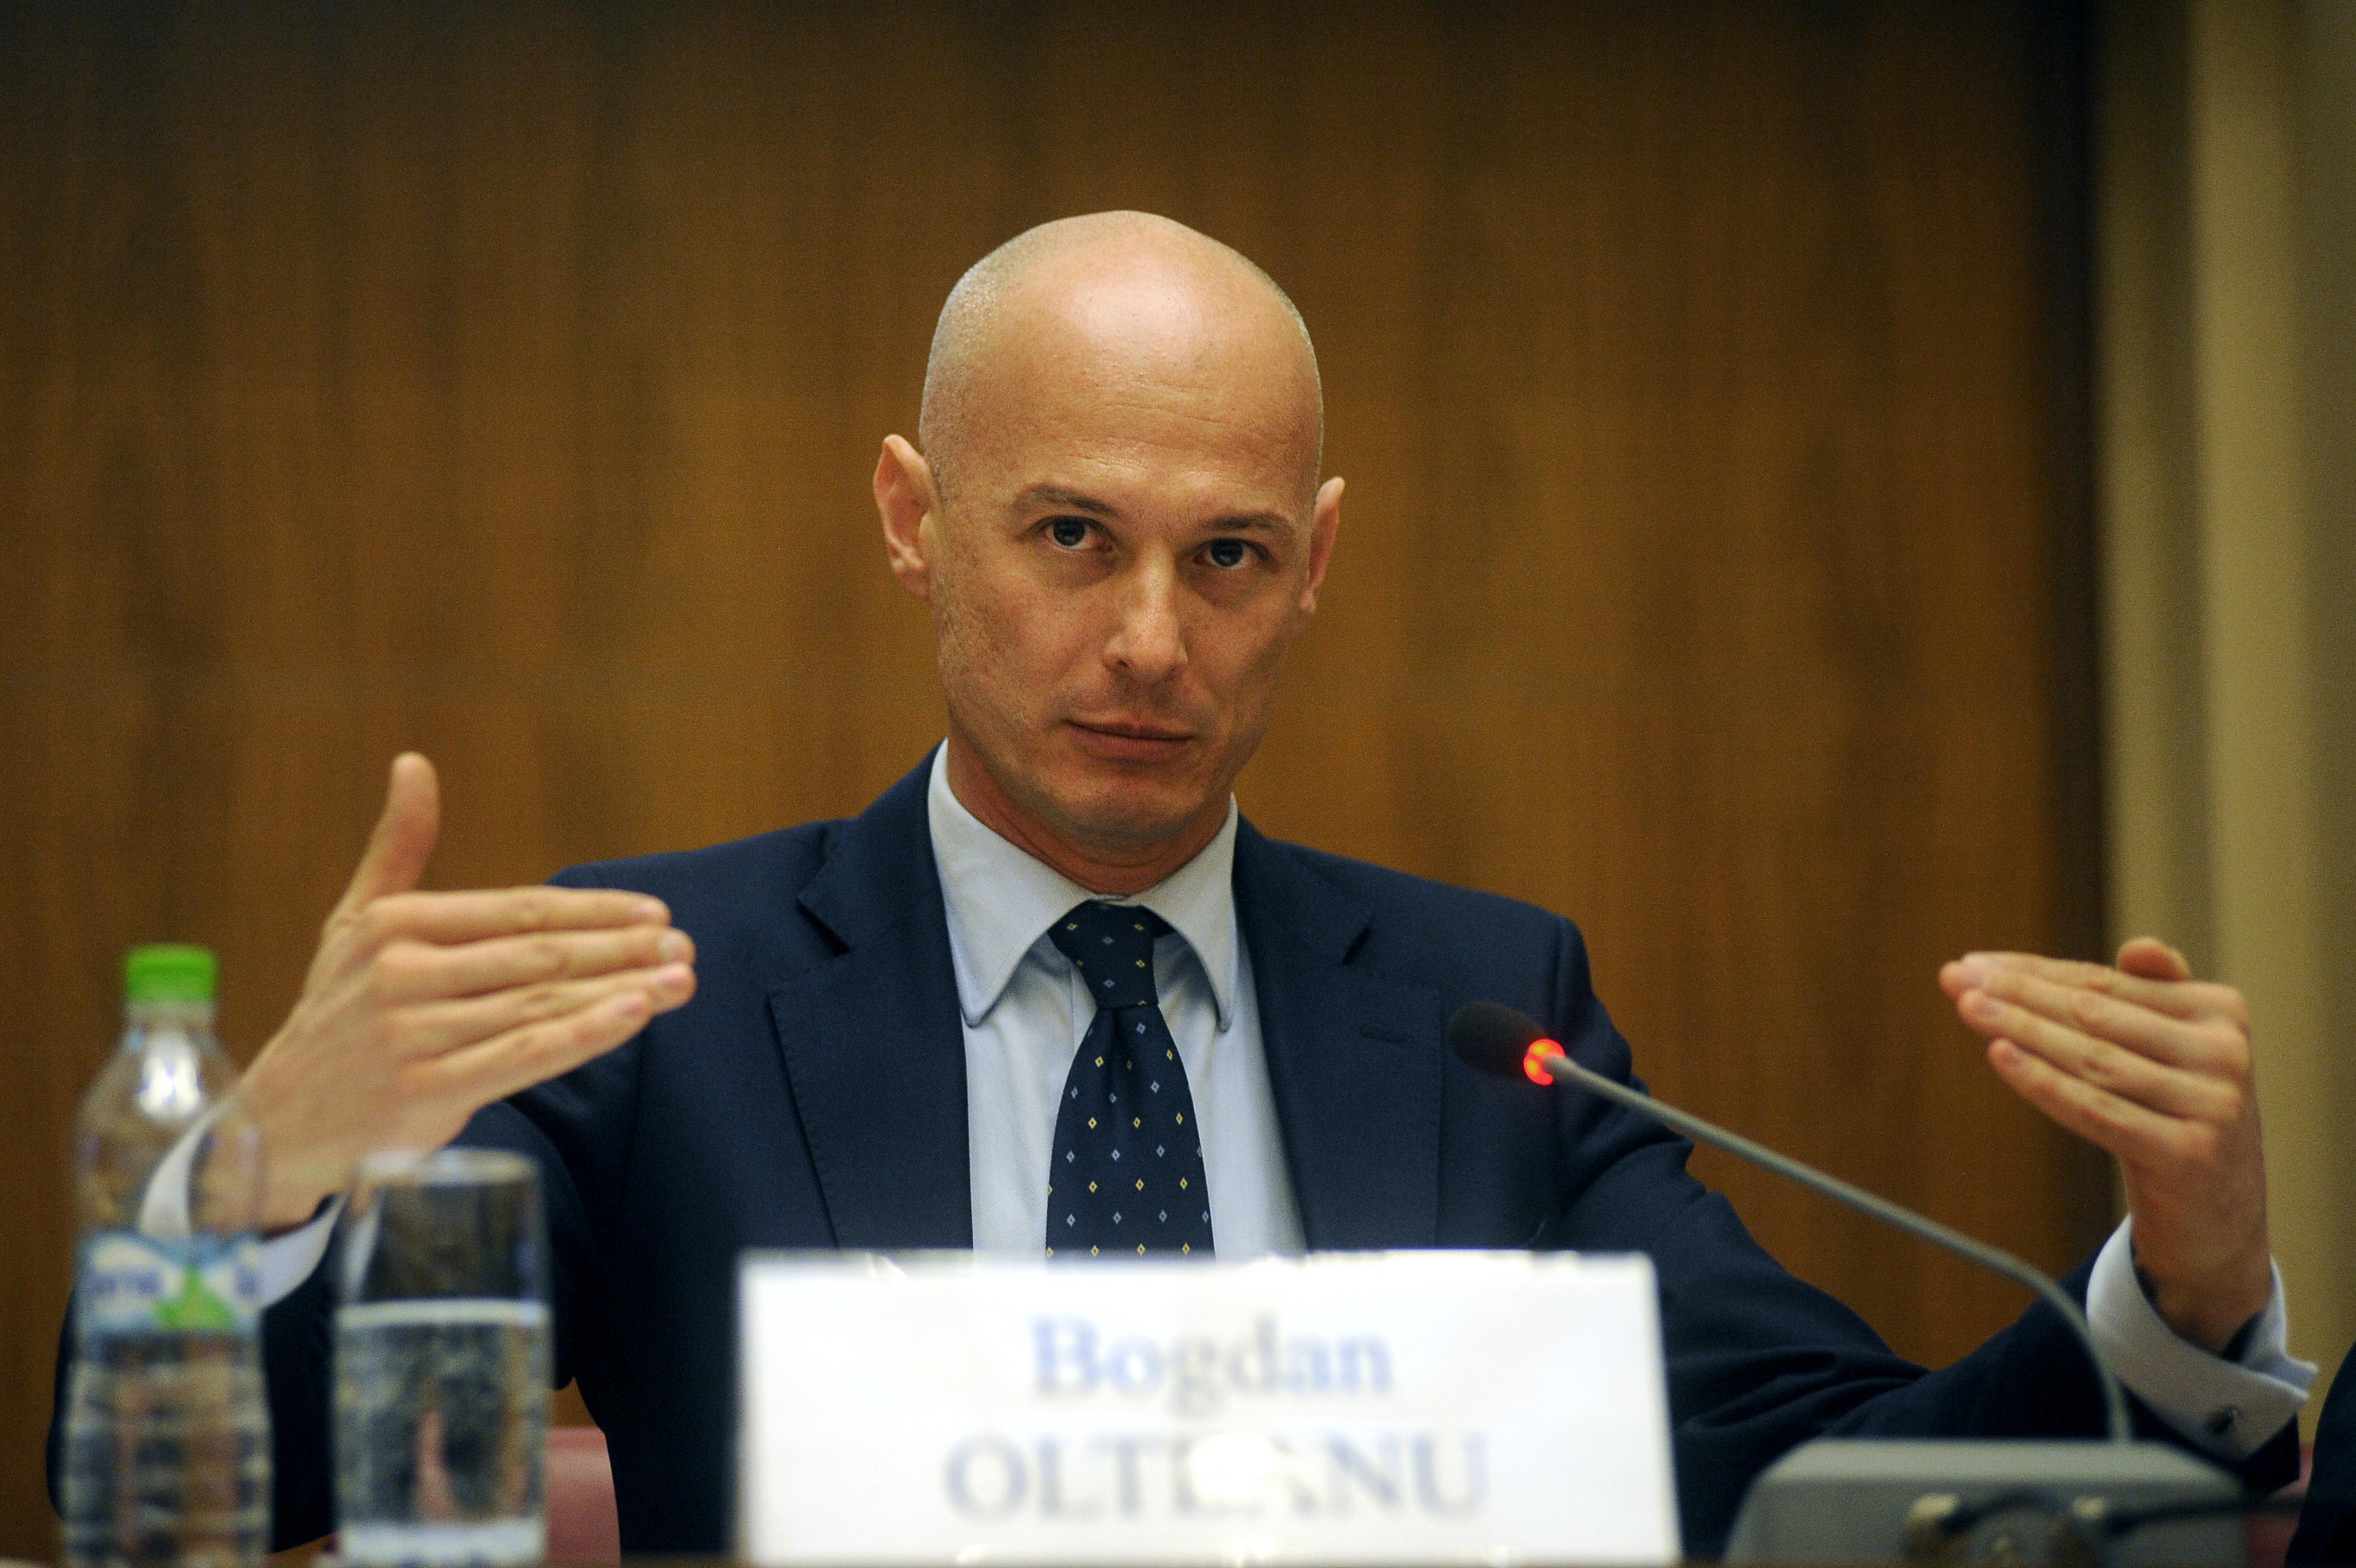 Împotriva lu iBogdan Olteanu, judecătorii au dispus măsura arestului la domiciliu   MediafaxFoto: marian Ilie,